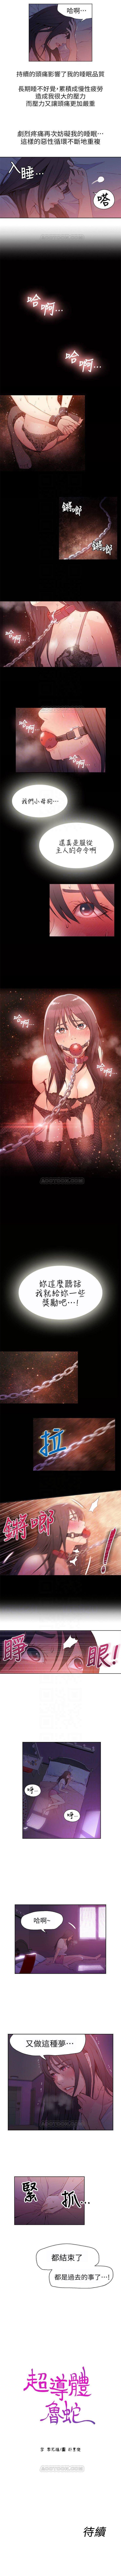 超導體魯蛇 1-41 官方中文(連載中) 65